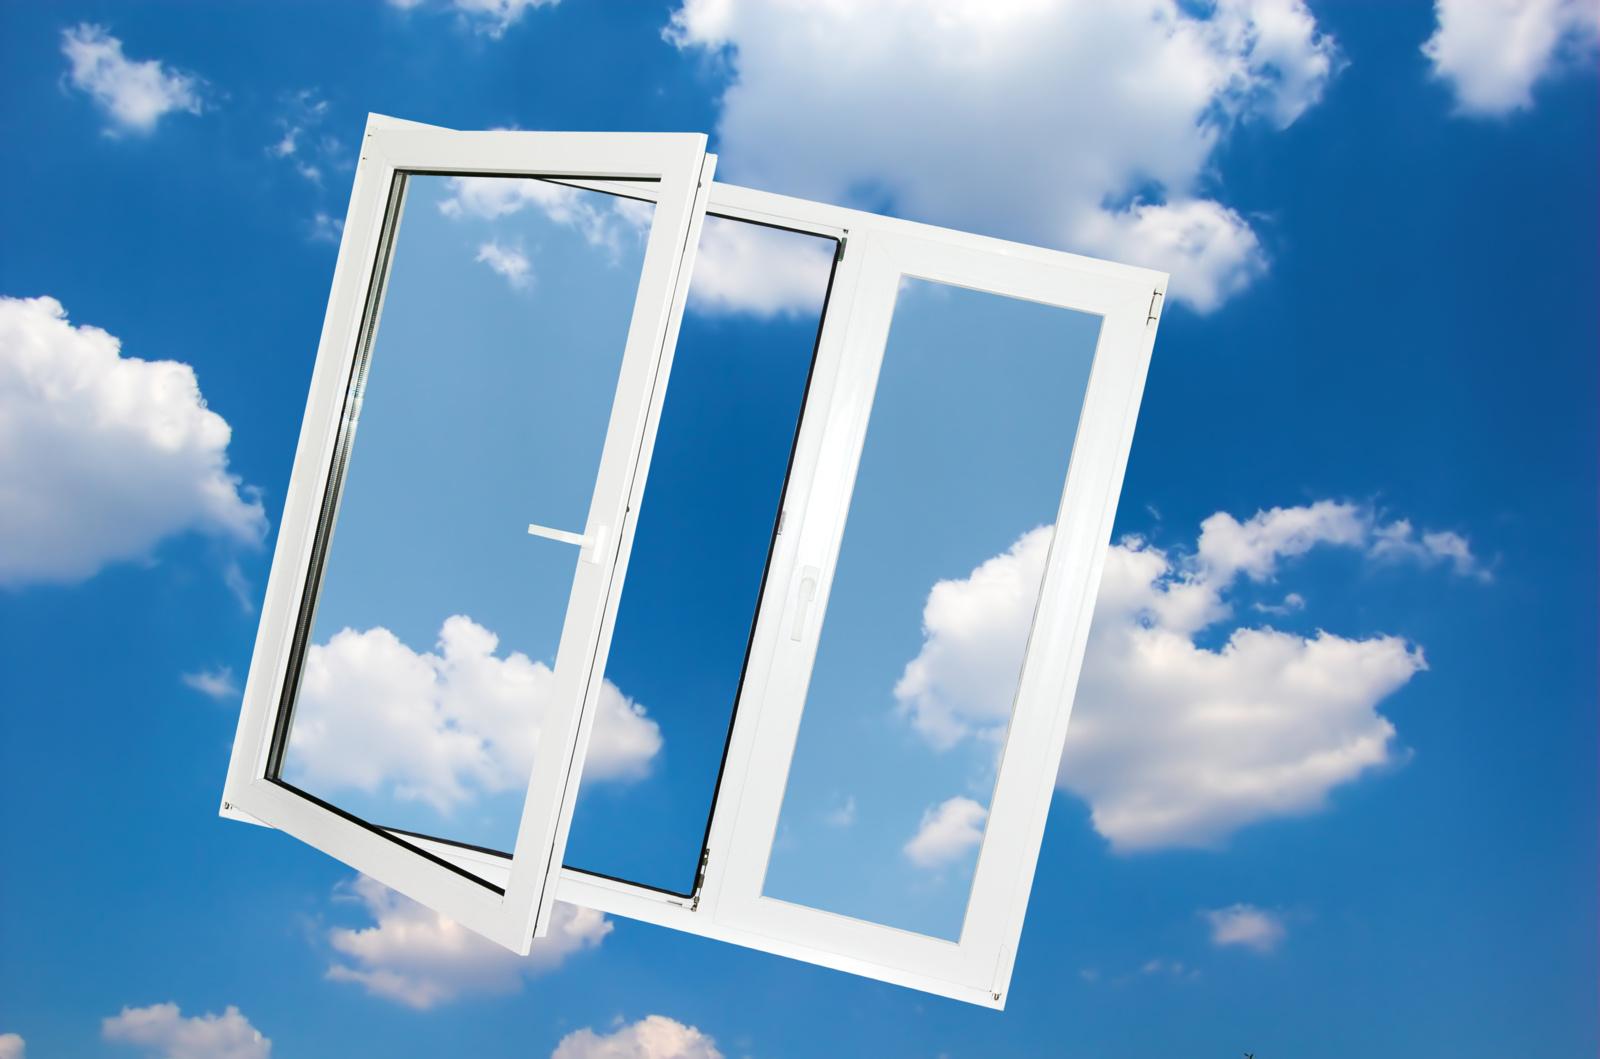 Langų remonto grupė pataria apie  plastikinių langų priežiūrą ir remontą